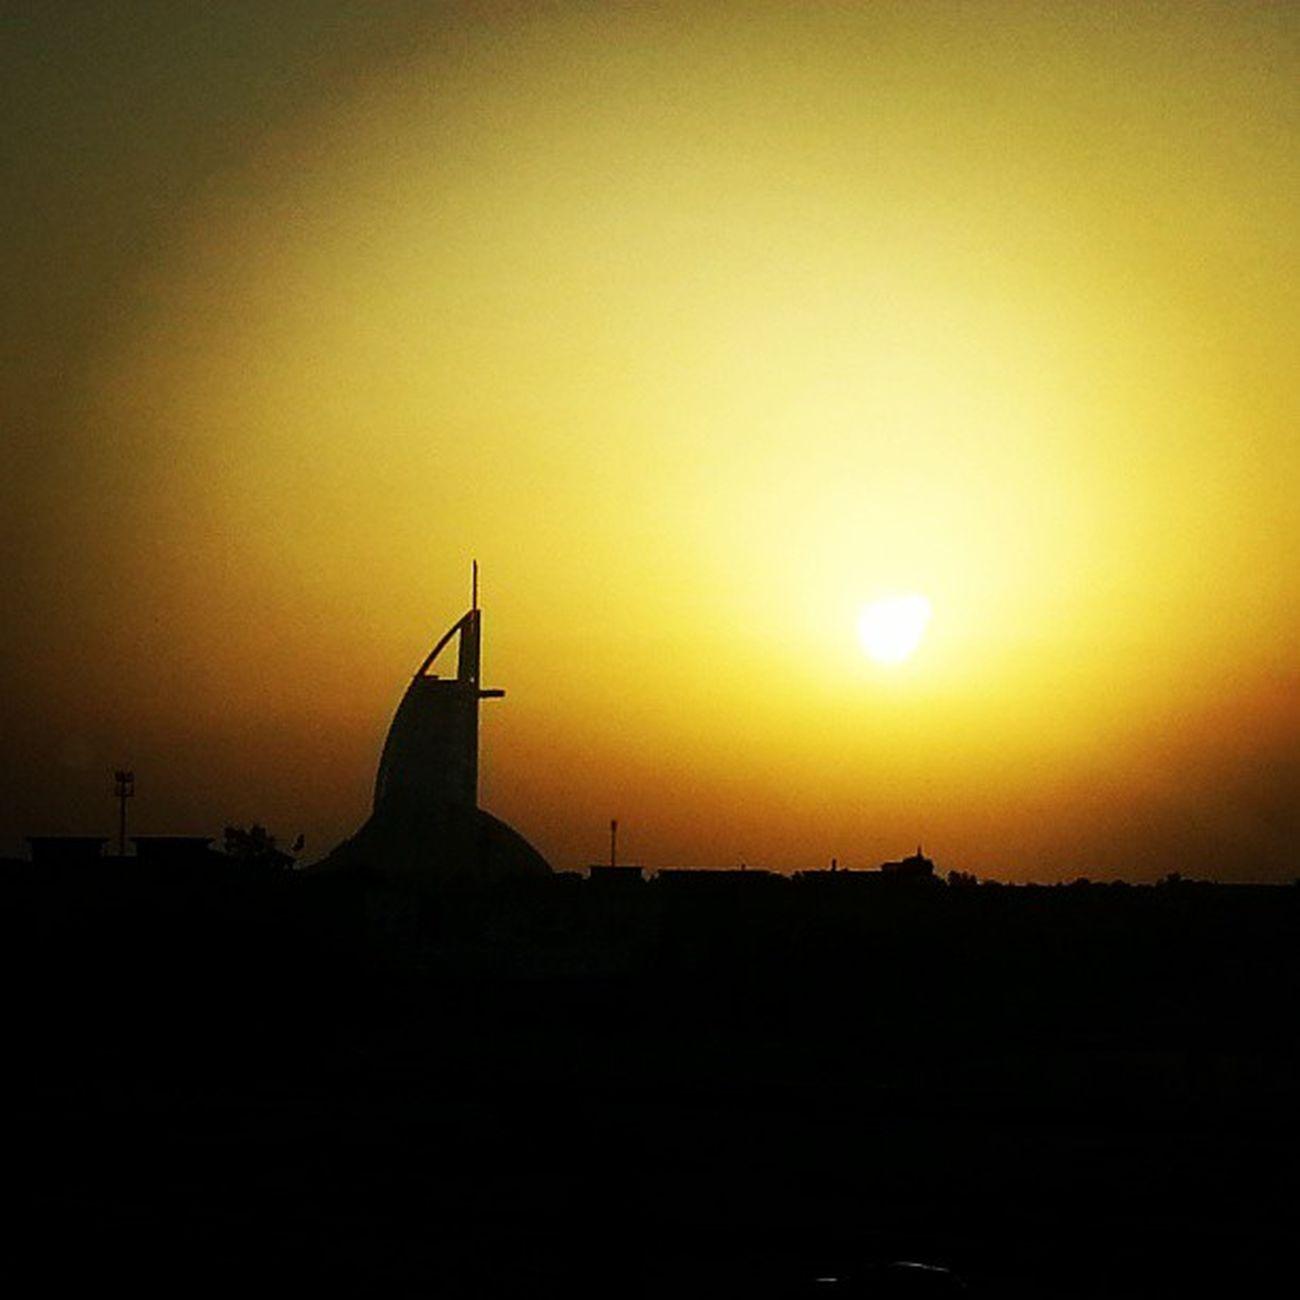 Sunset at Jumeirah